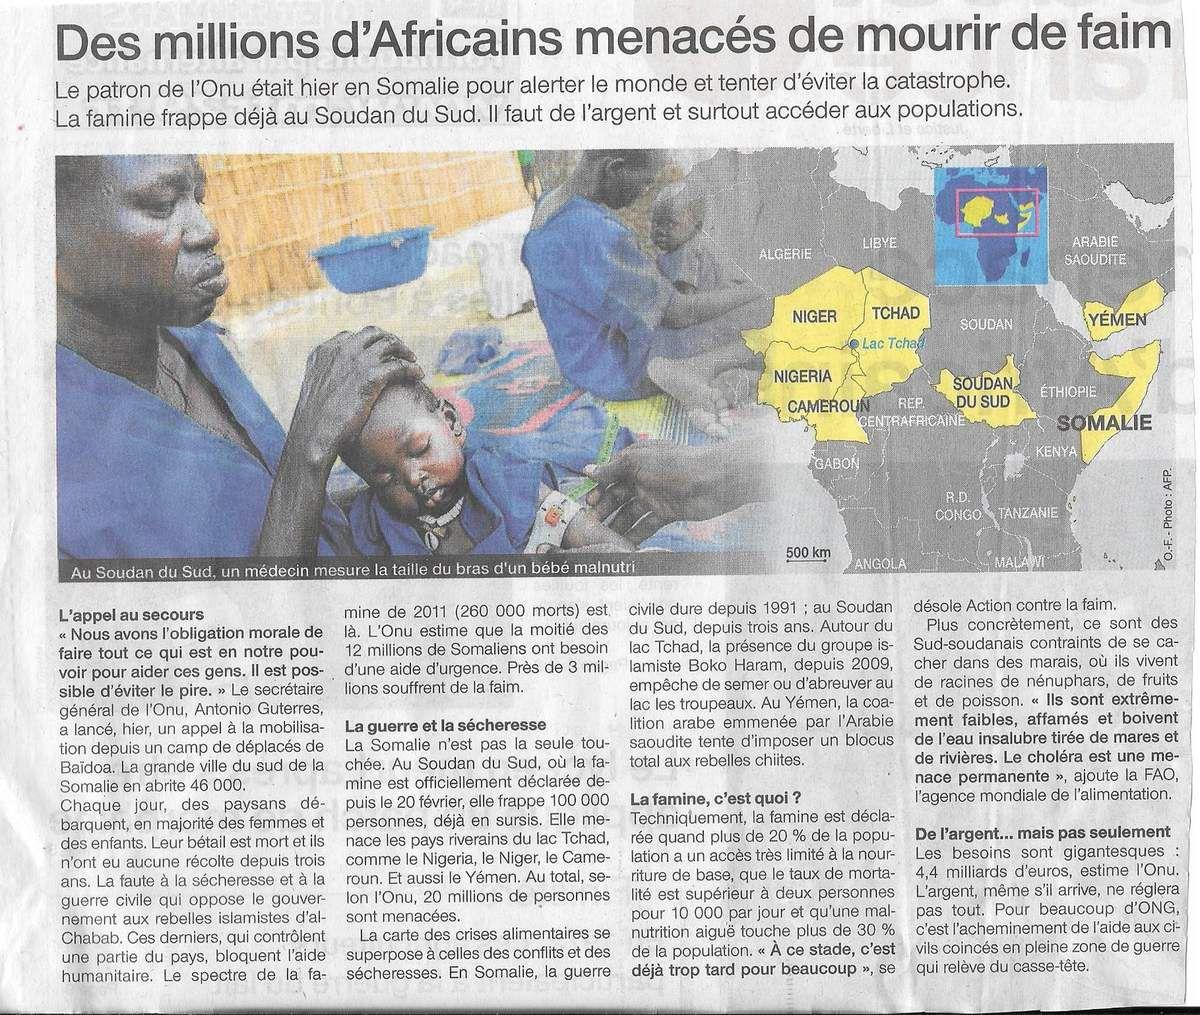 La famine menace 20 millions d'africains (Ouest-France, 8 mars 2017)